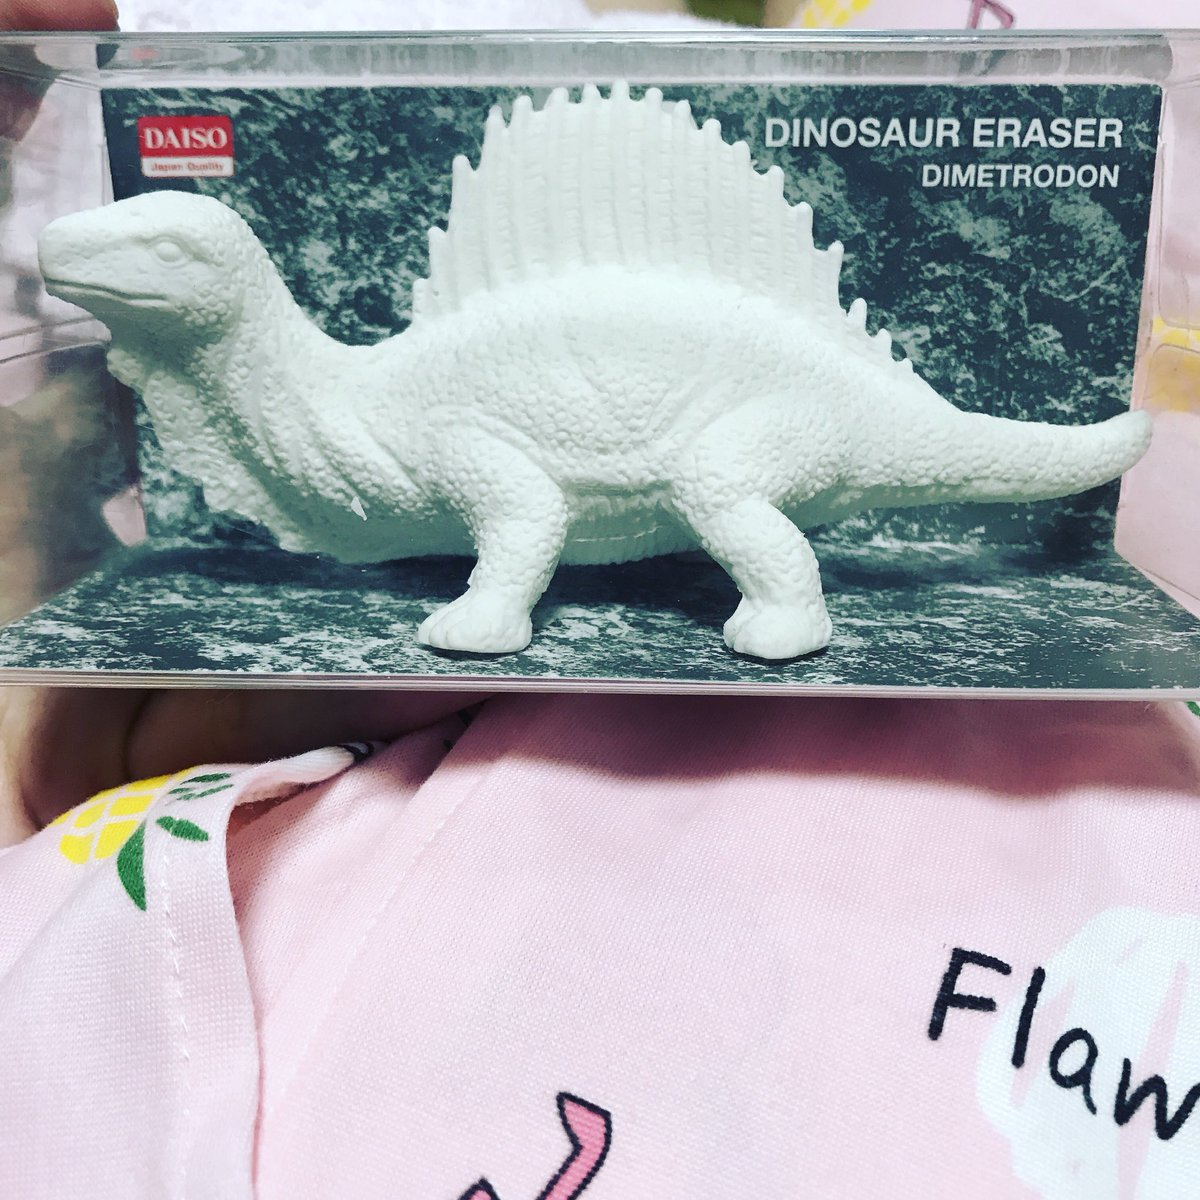 test ツイッターメディア - ダイソーで発見した恐竜消しゴム?? 可愛い(*^ω^*) #ダイソー #ダイナソー #恐竜 https://t.co/trcyHUtmHh